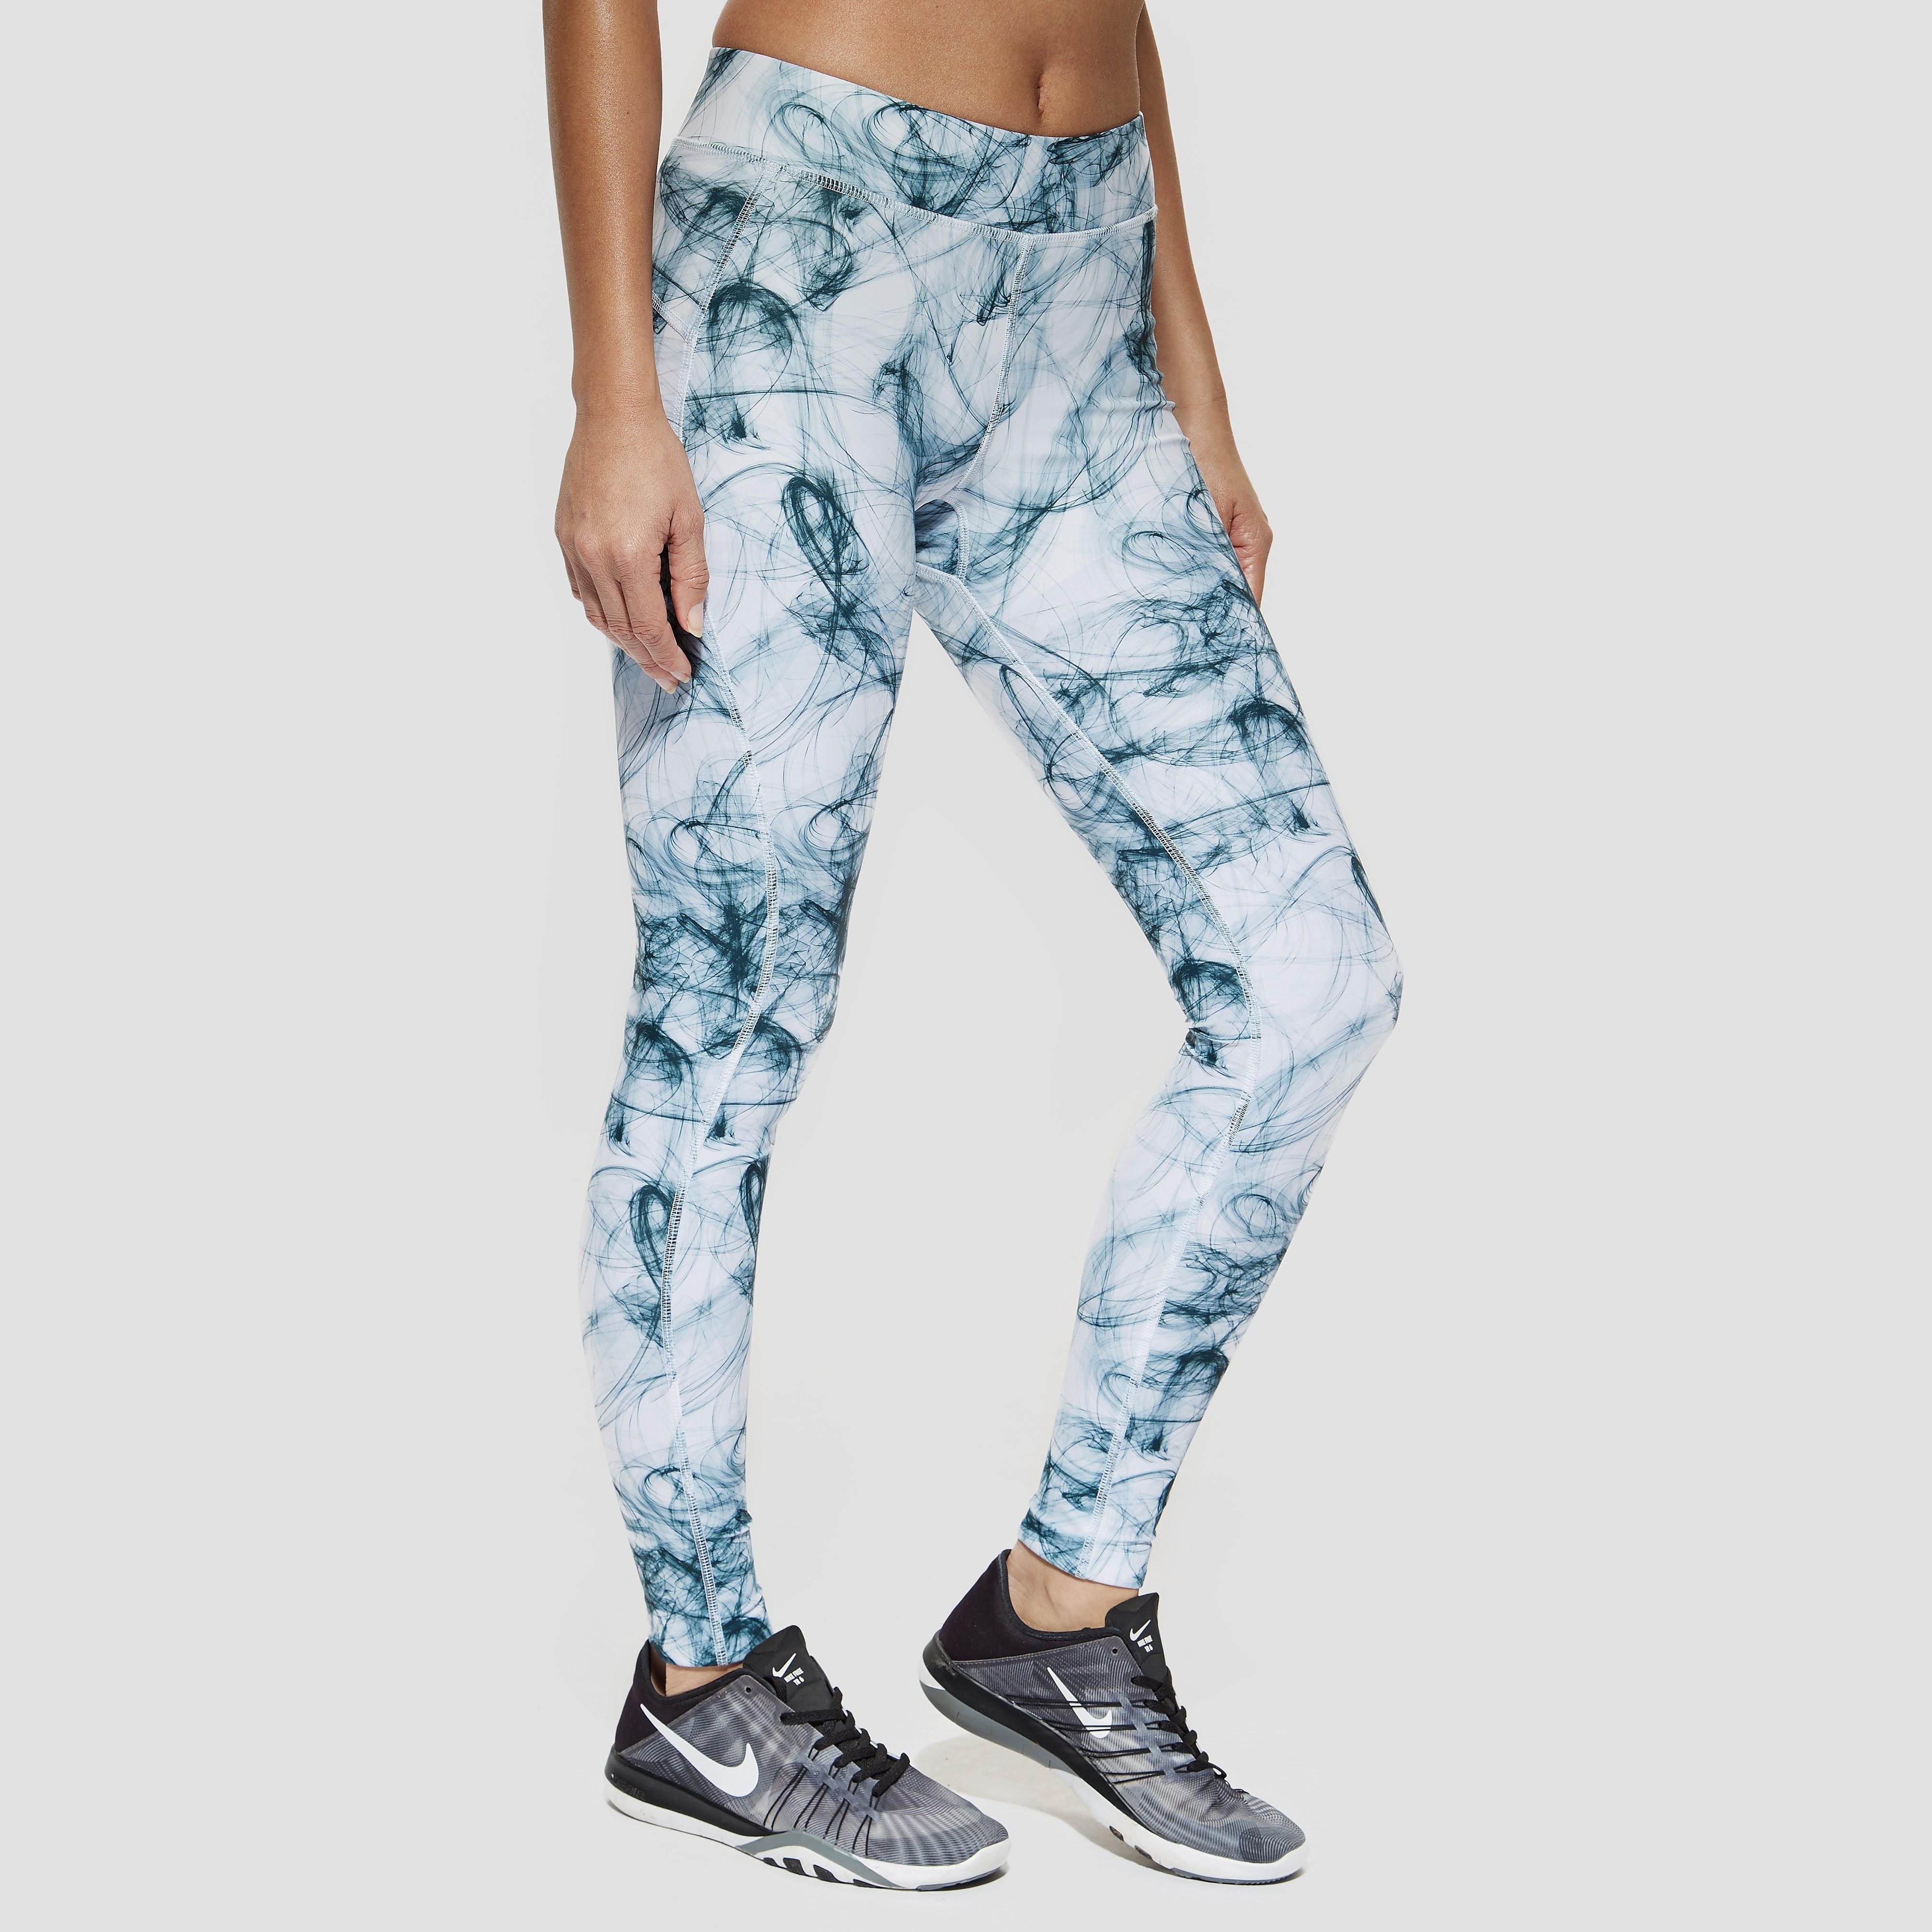 hpe Oxygen Soho Women's Leggings